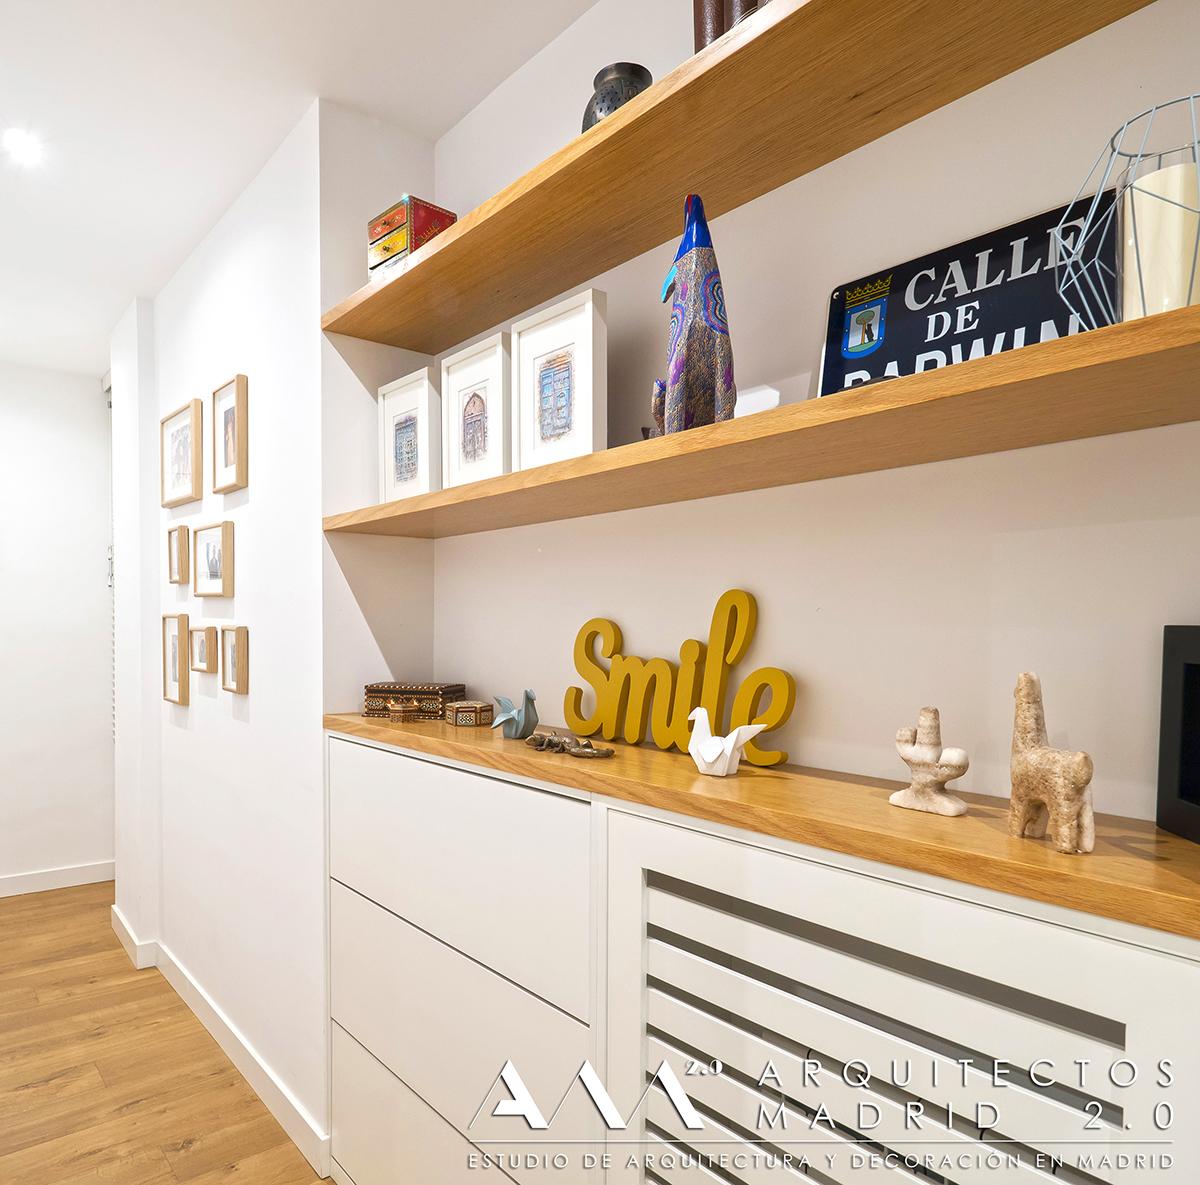 Proyectos Y Obras De Arquitectos Madrid 2 0 Ideas Viviendas Y  ~ Reformas El Corte Ingles Opiniones